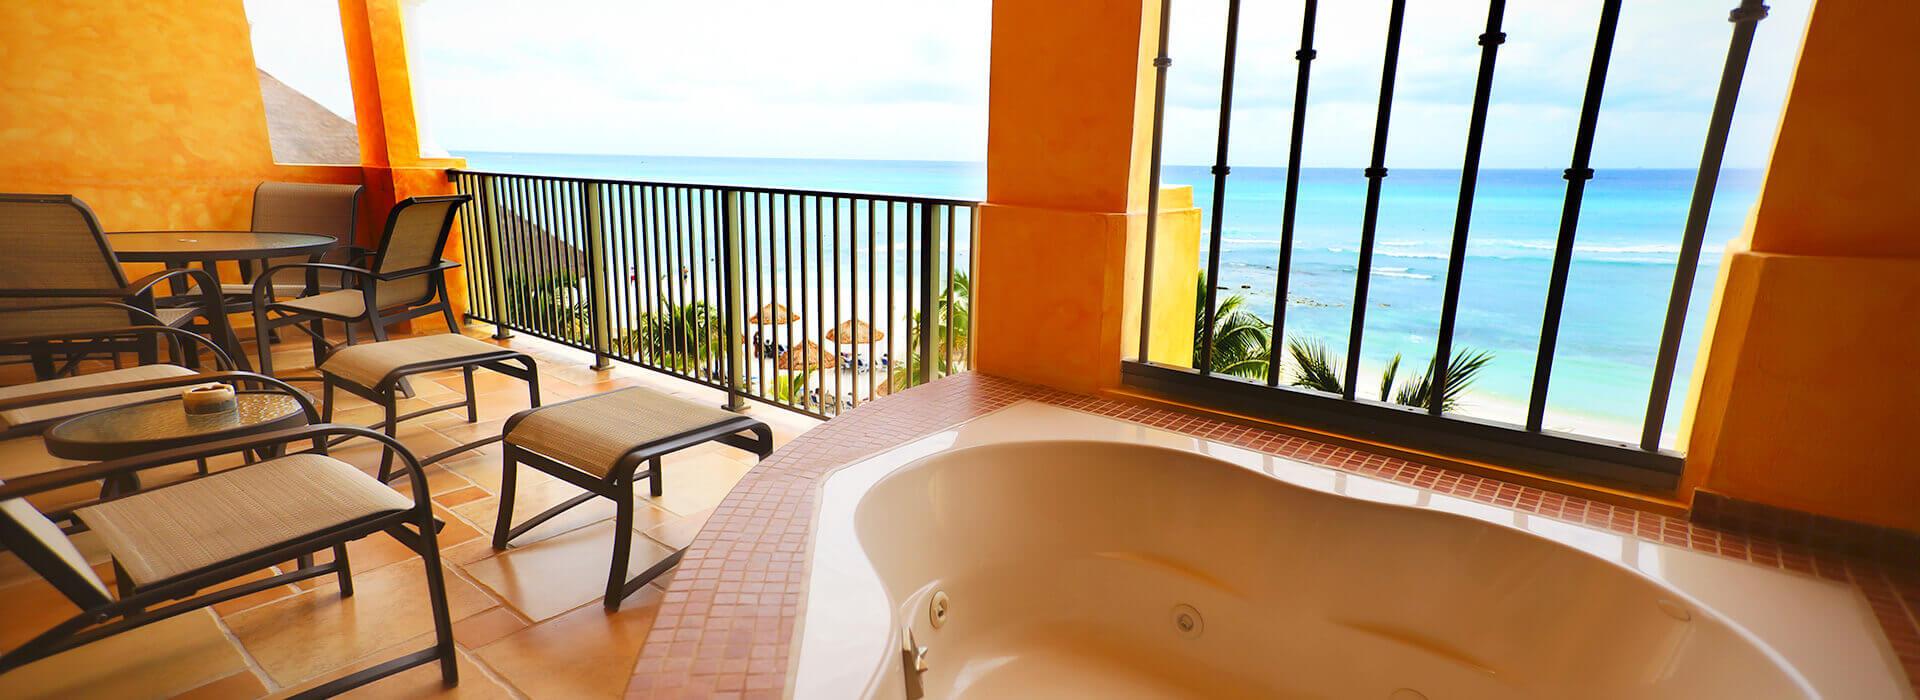 suite frente al mar con jacuzzi en la terraza